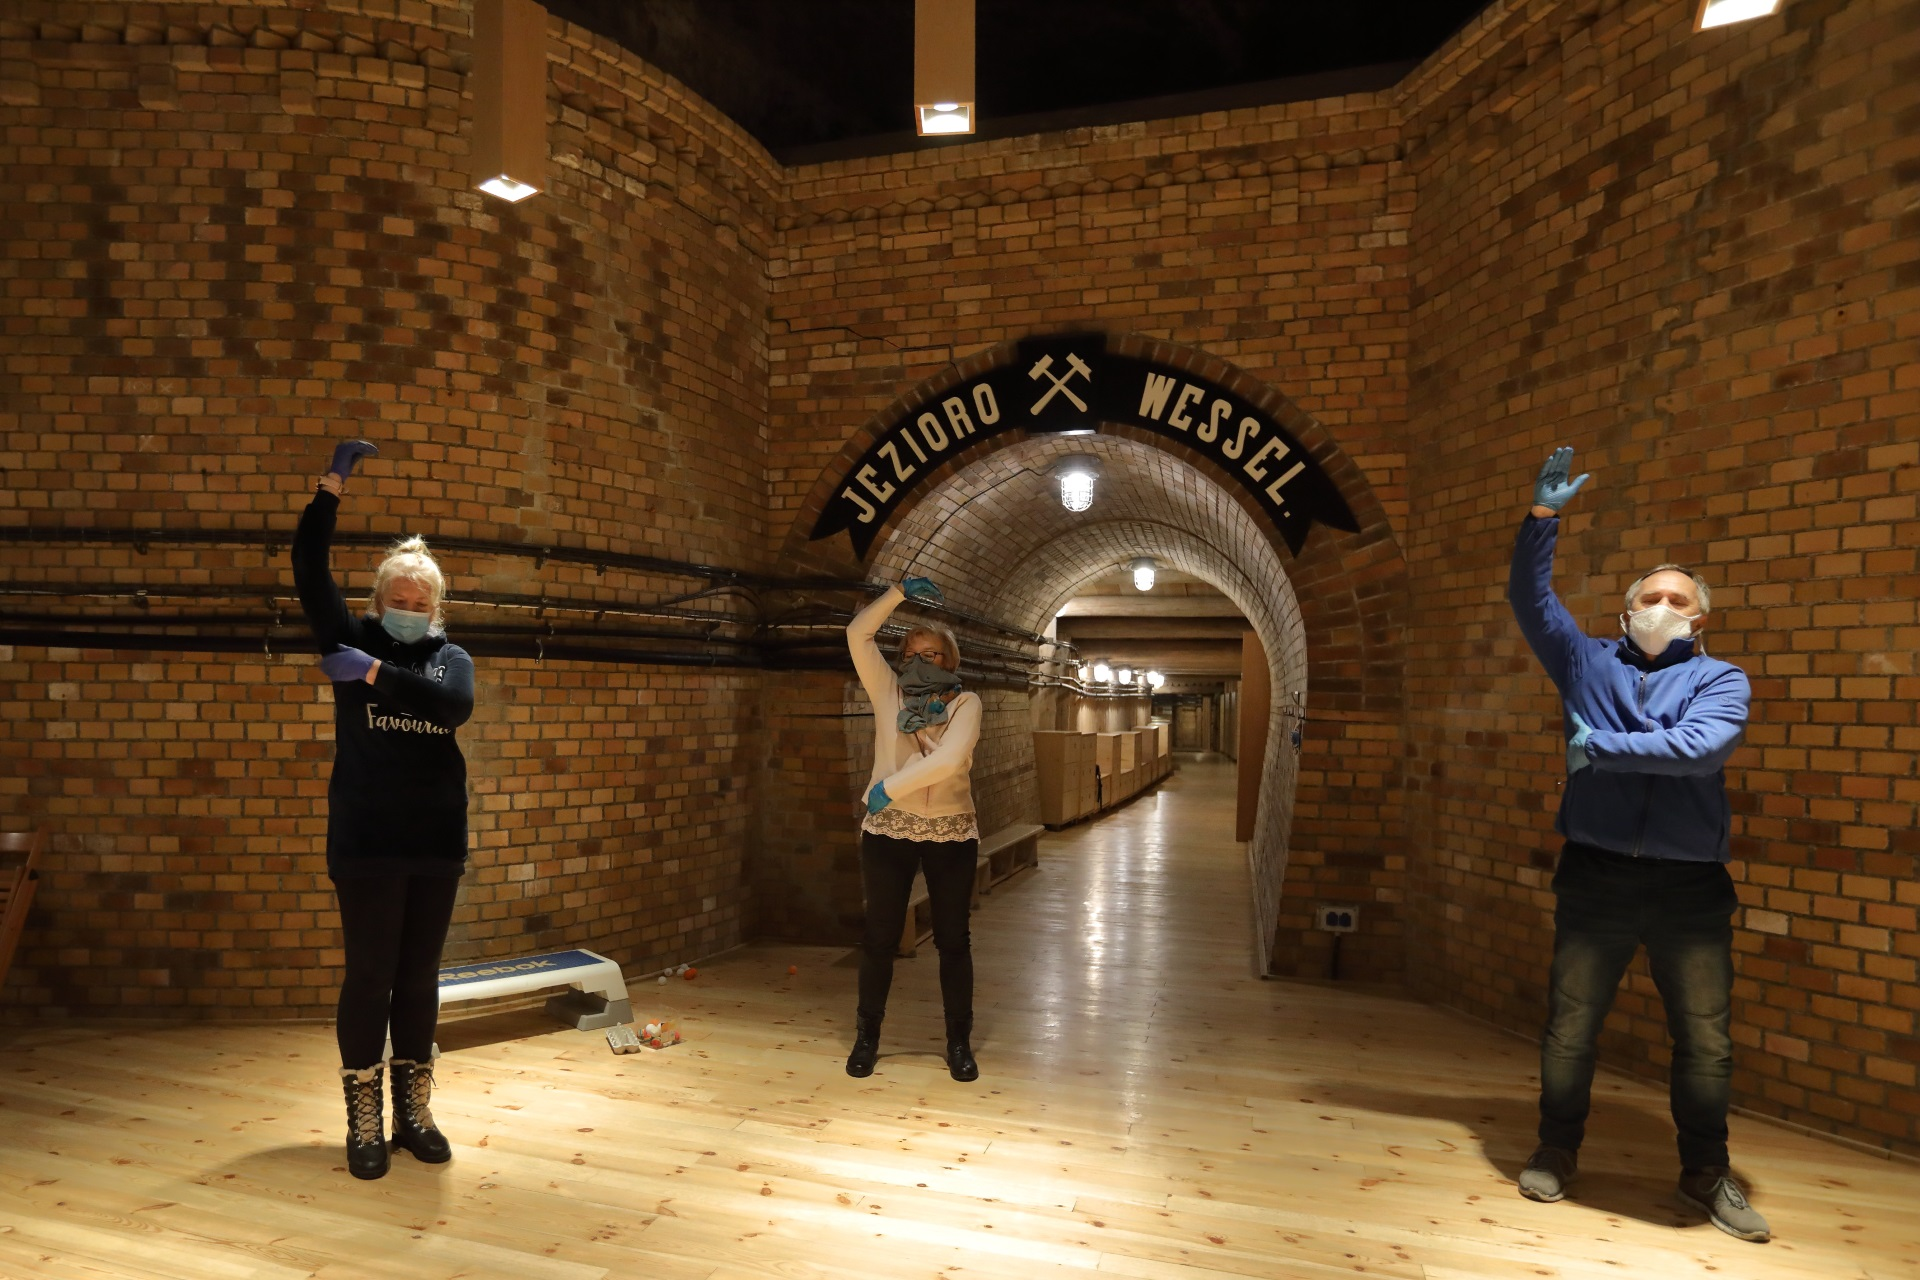 Troje kuracjuszy - dwie panie i jeden pan, wykonują ćwiczenia na tle wejścia do komory. Za nimi mur z cegły oraz napis Jezioro Wessel